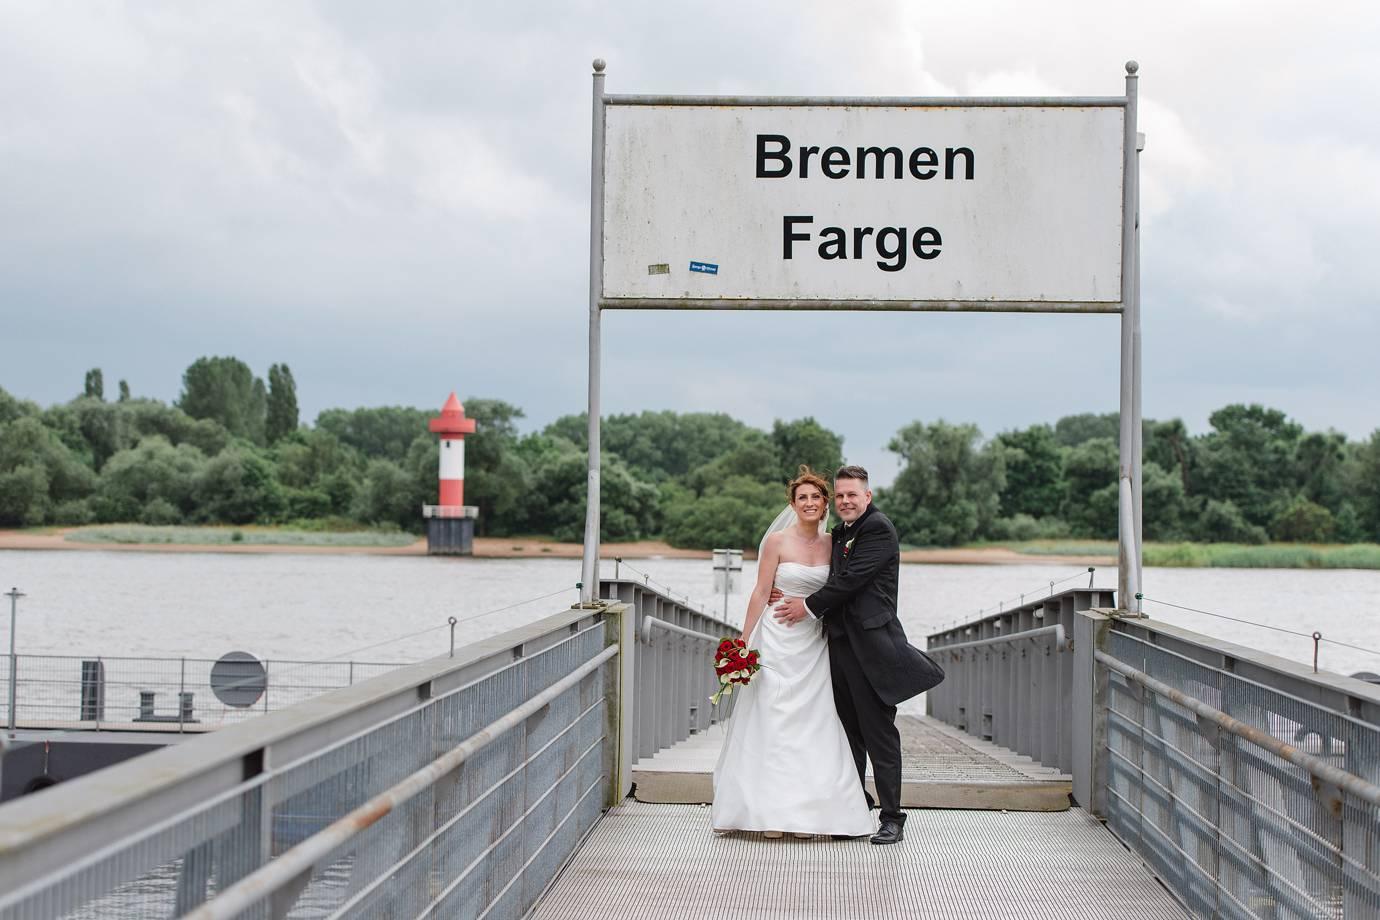 hochzeitsfotograf bremen 178 - Yvonne+Markus